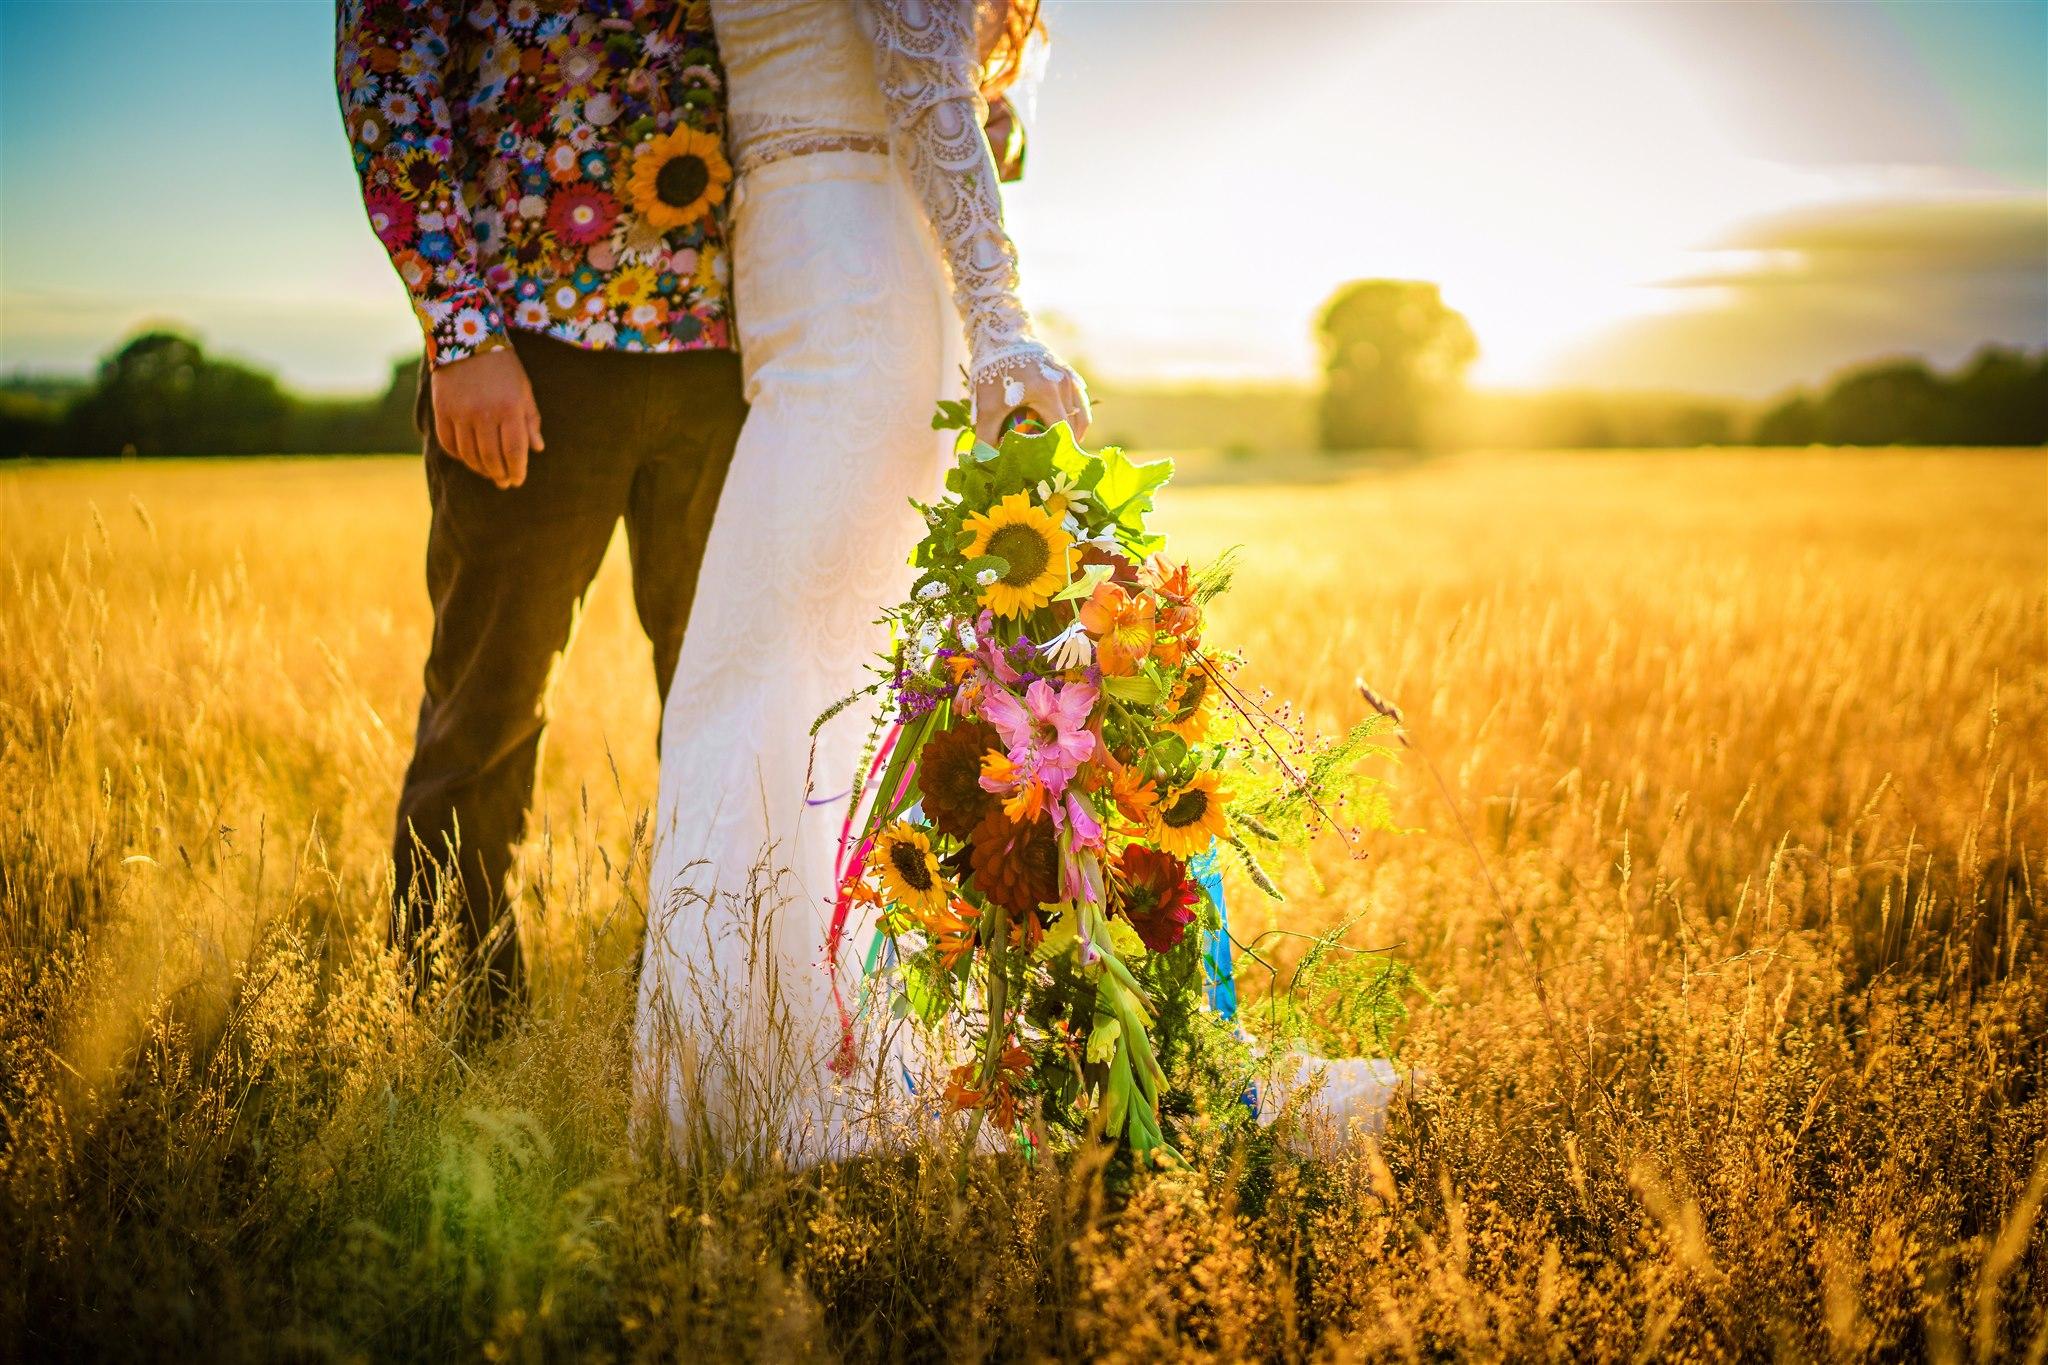 quirky wedding flowers - colourful wedding flowers - colourful bohemian wedding - 70s wedding - campervan wedding - hippie wedding